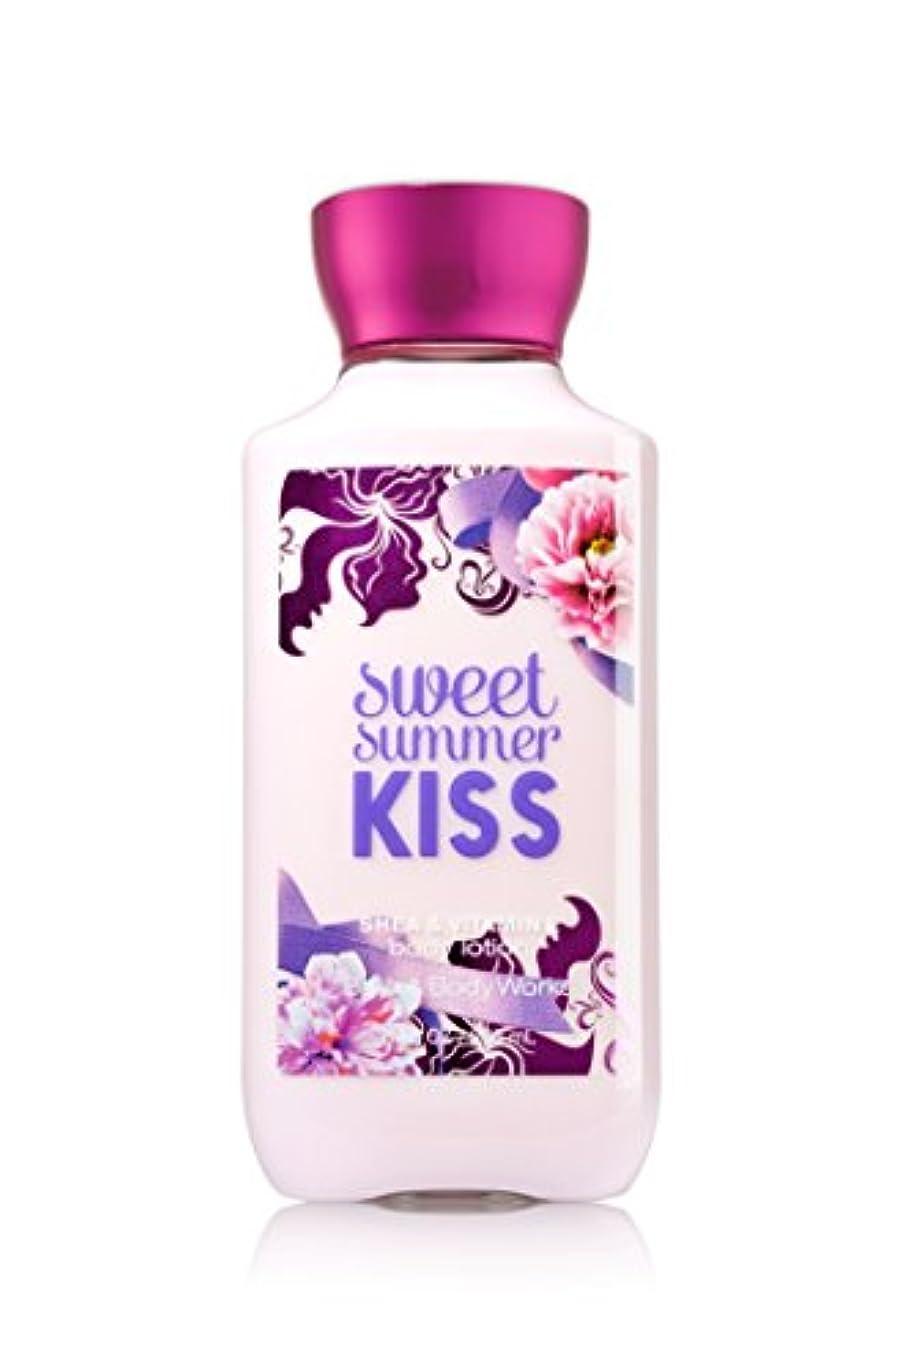 シネマ請求コードBath Body Works Sweet summer KISS Body lotion 236g 並行輸入品